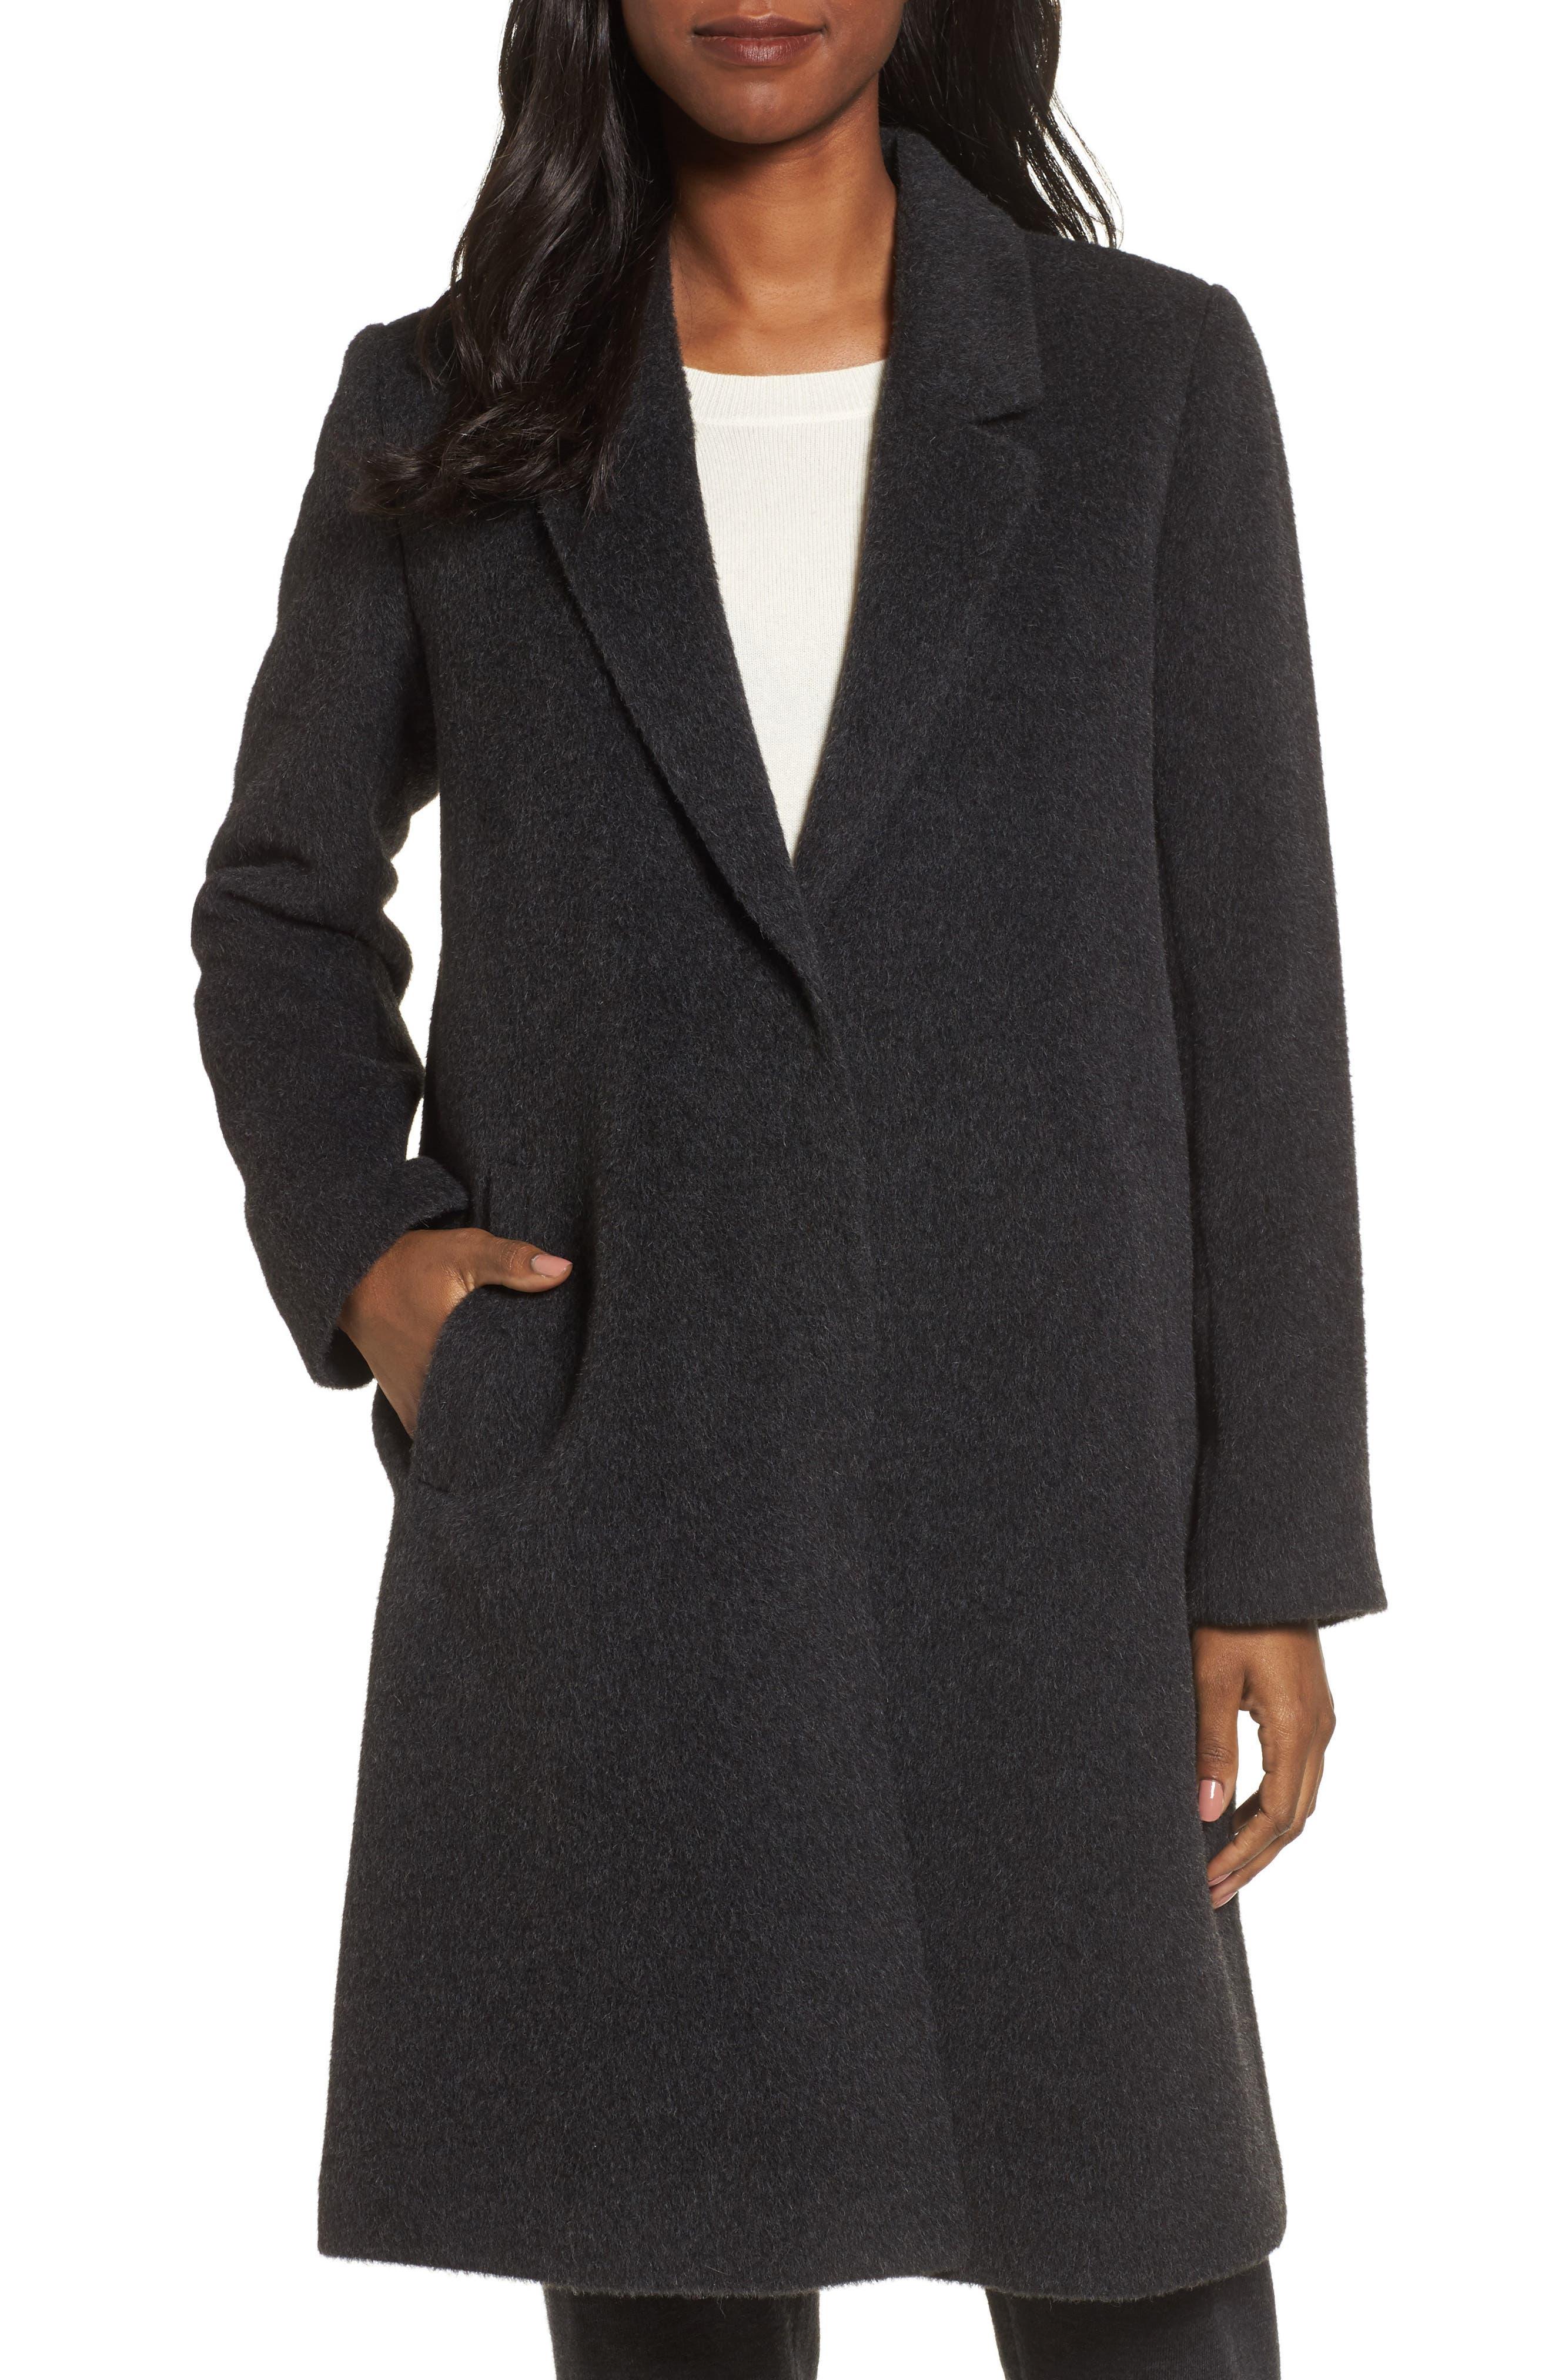 Eileen Fisher Alpaca Blend Coat